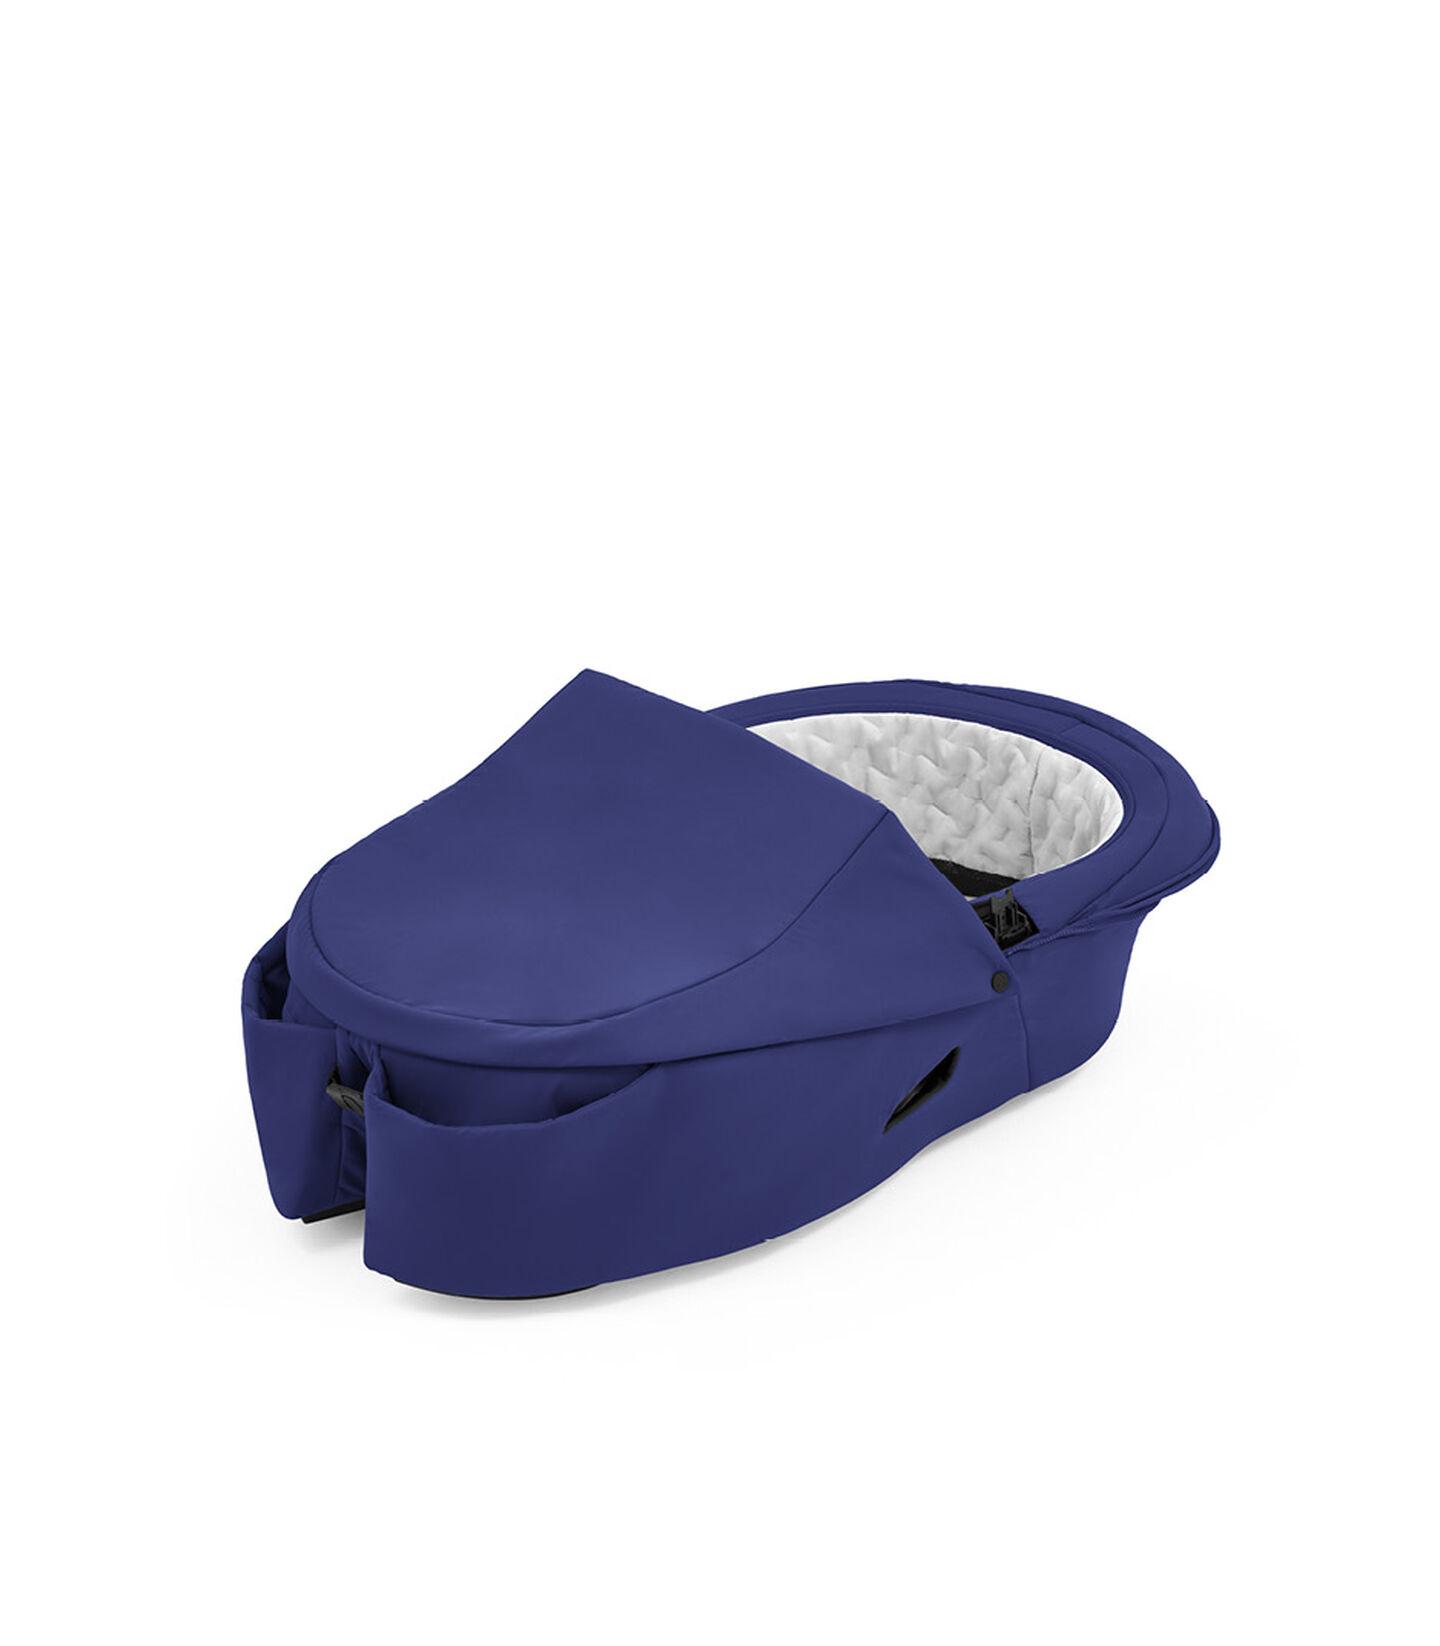 Stokke® Xplory® X reiswieg Royal Blue, Royal Blue, mainview view 1